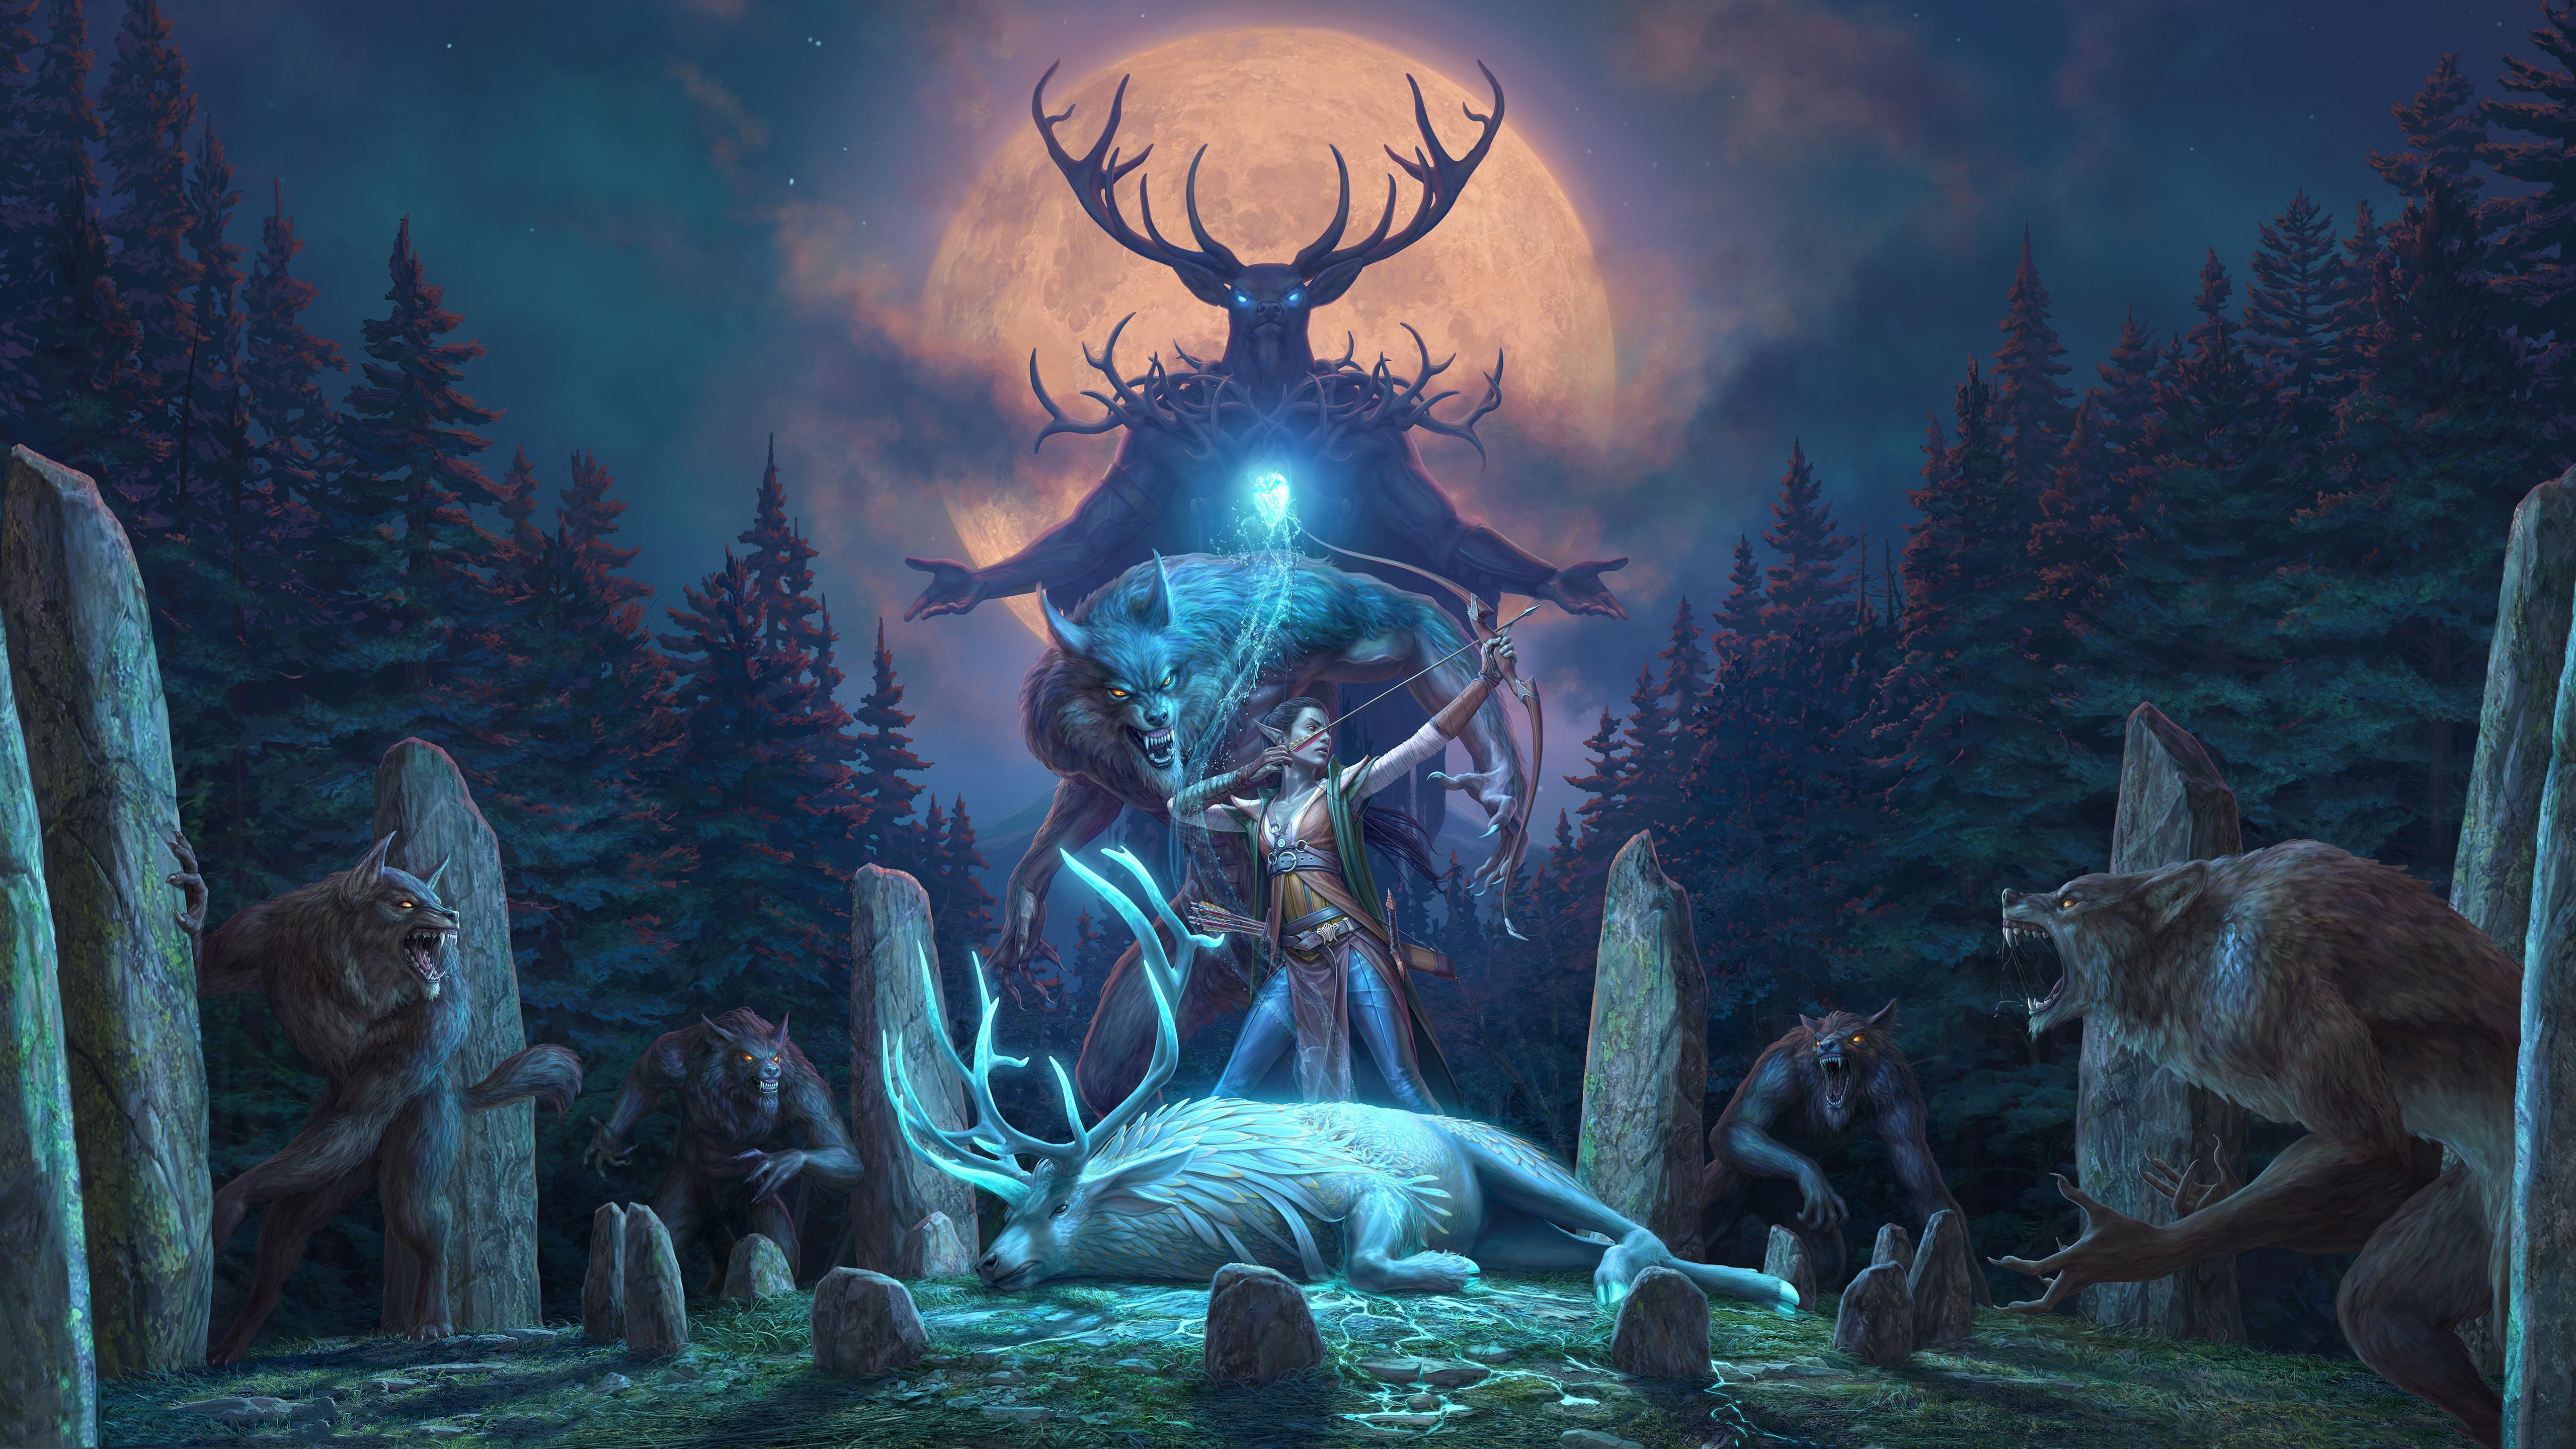 The Elder Scrolls Online Wolfhunter Dlc 2018 5k Hd Games